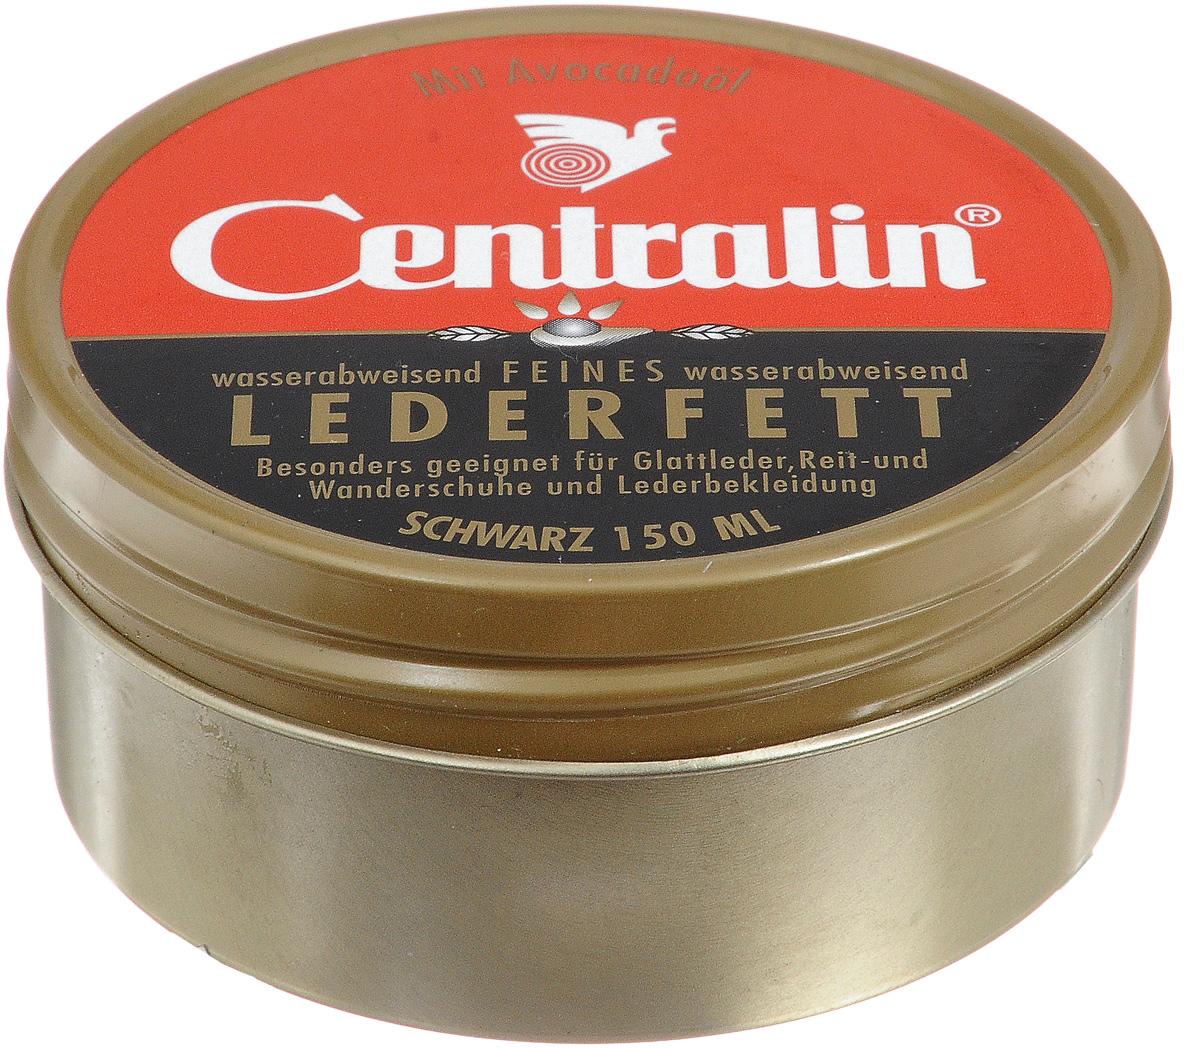 Жир для кожаной обуви Centralin, цвет: черный, 150 млMW-3101Жир для обуви Centralin освежает грубую и жесткую кожу, обеспечивая ей блеск и эластичность. Это идеальная защита от влаги и грязи.Характеристики: Объем: 150 мл. Цвет: черный. Производитель: Германия. Товар сертифицирован.